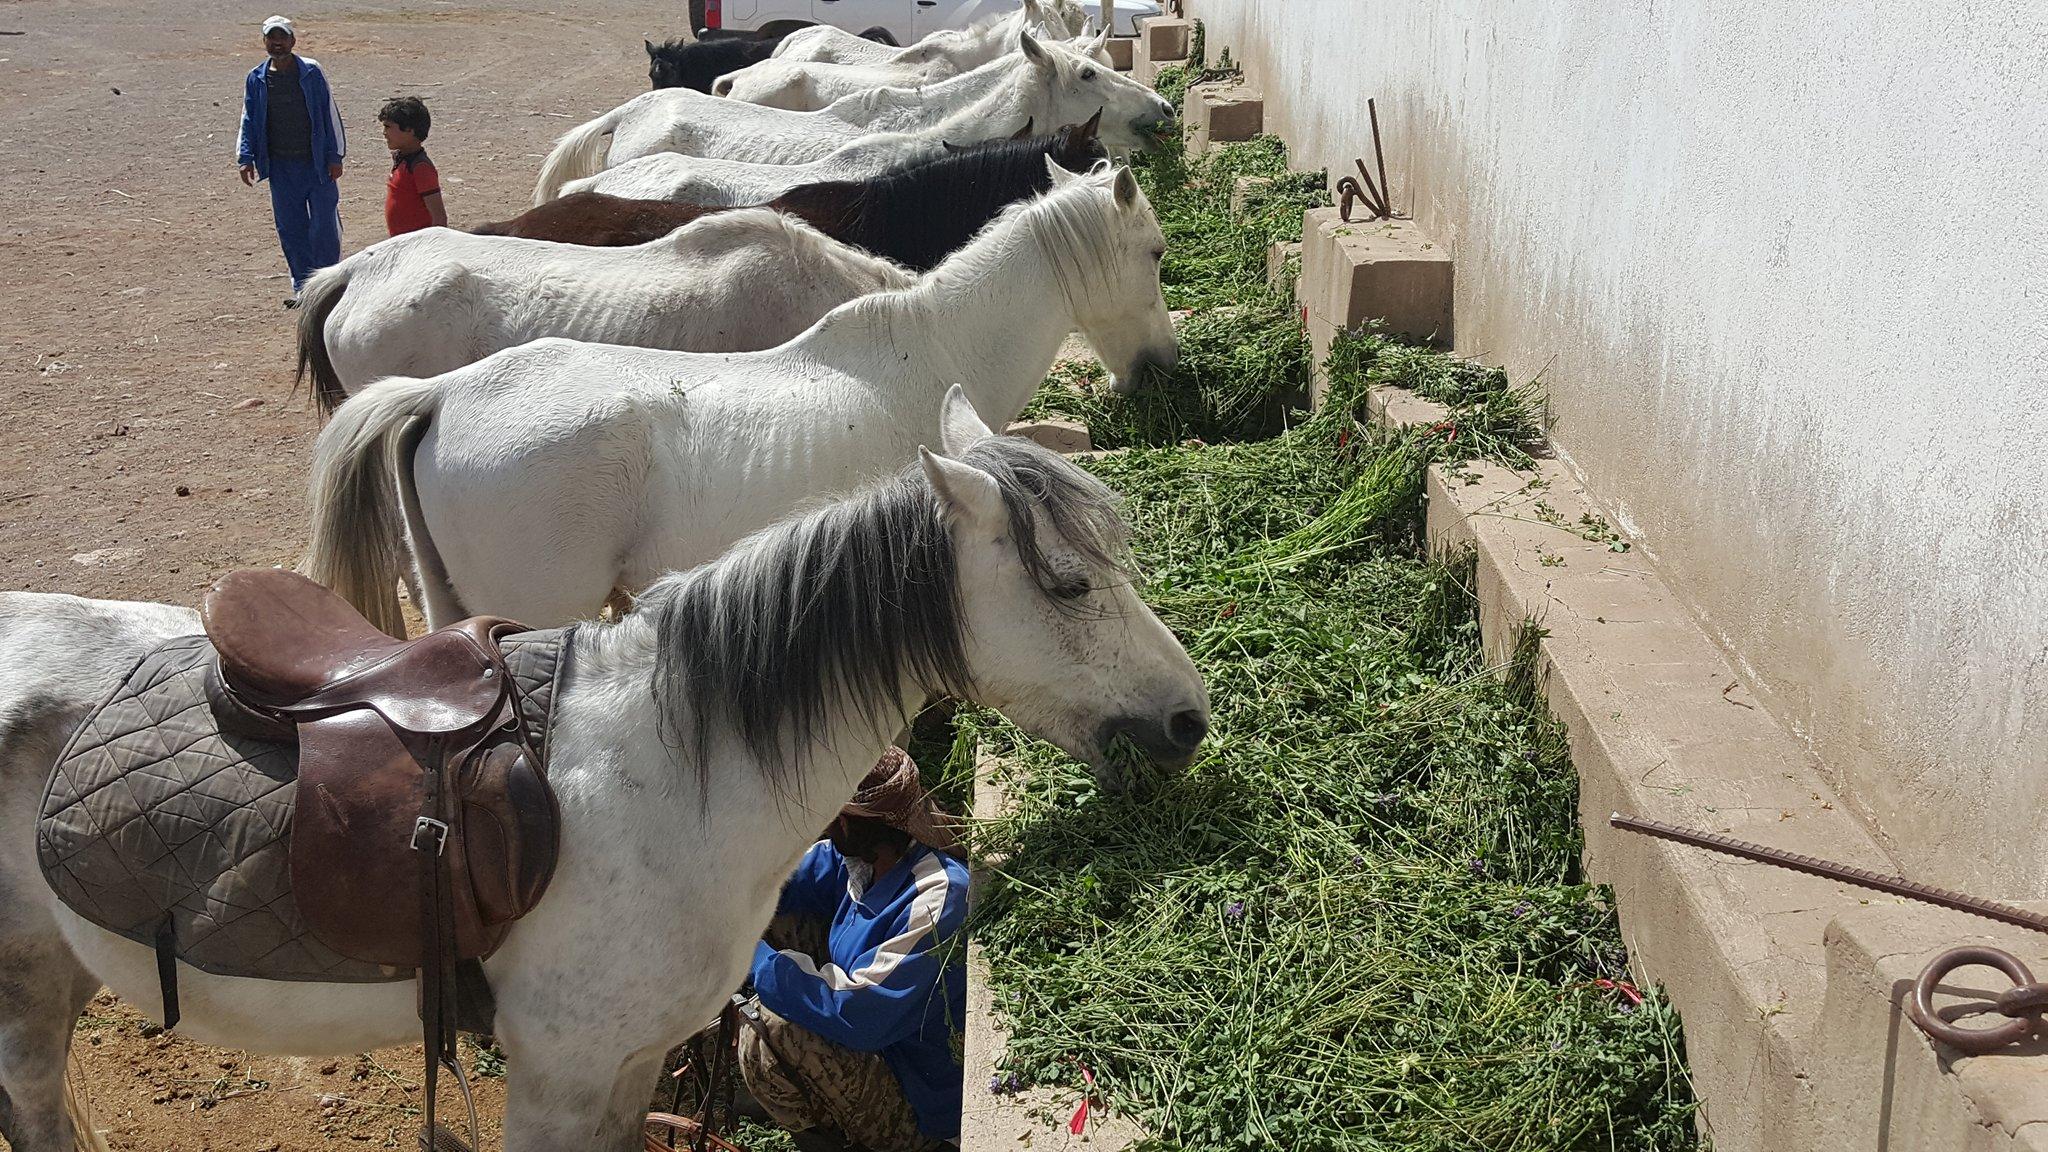 dhamar close up horses eating OWAP-AR food so skeletal 16 nov 2018 yemen rescue Helall coordinator.jpg